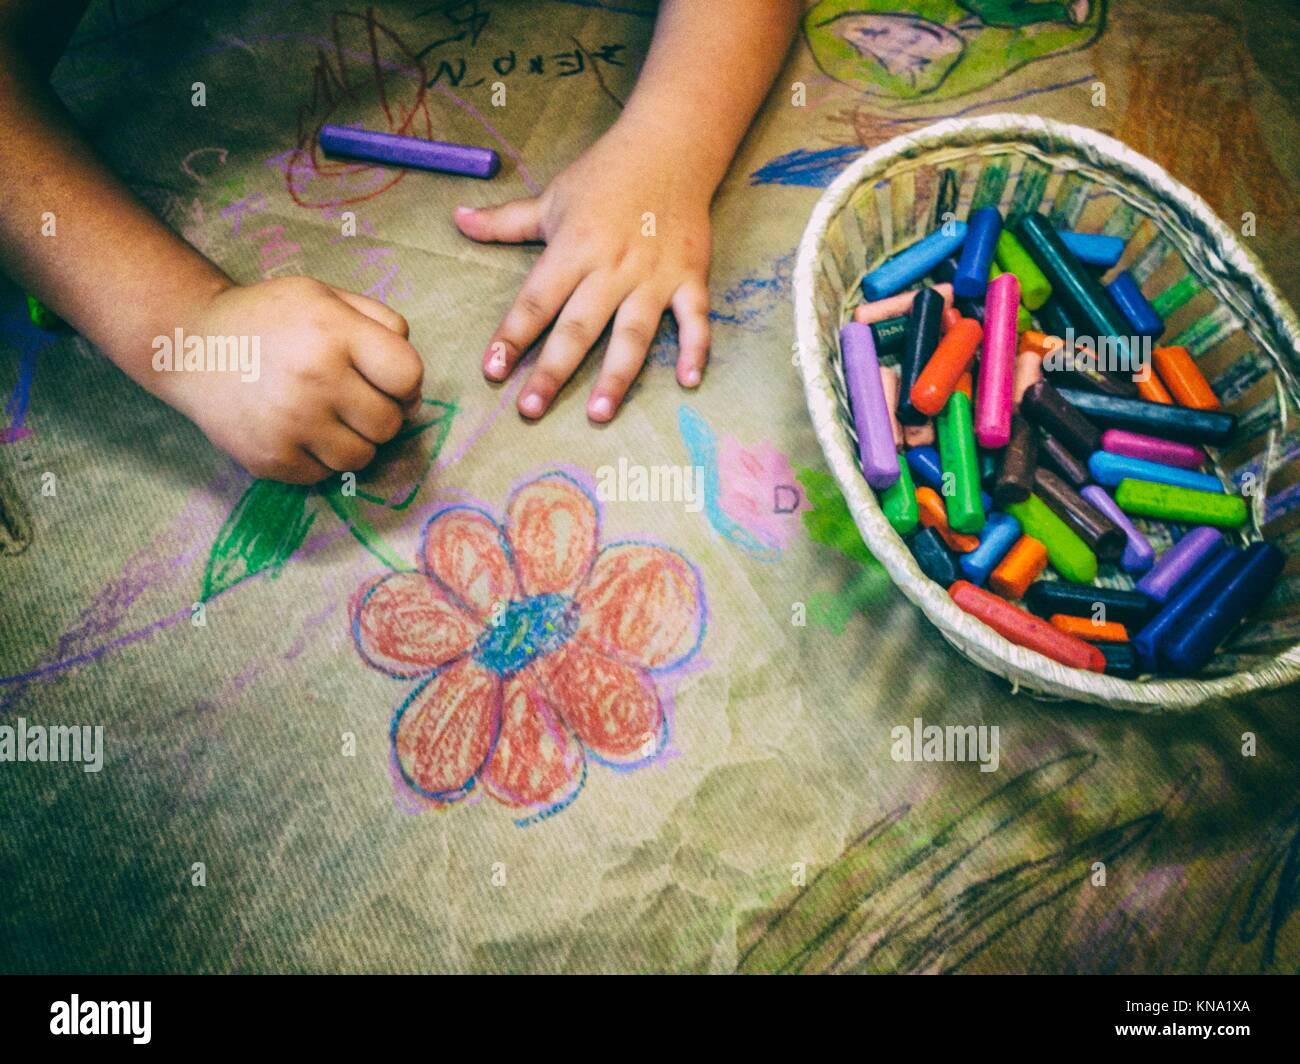 Dibujo infantil con una canasta de lápices de cera sobre la artesanía del papel de embalaje. Un alto ángulo de visualización. Foto de stock